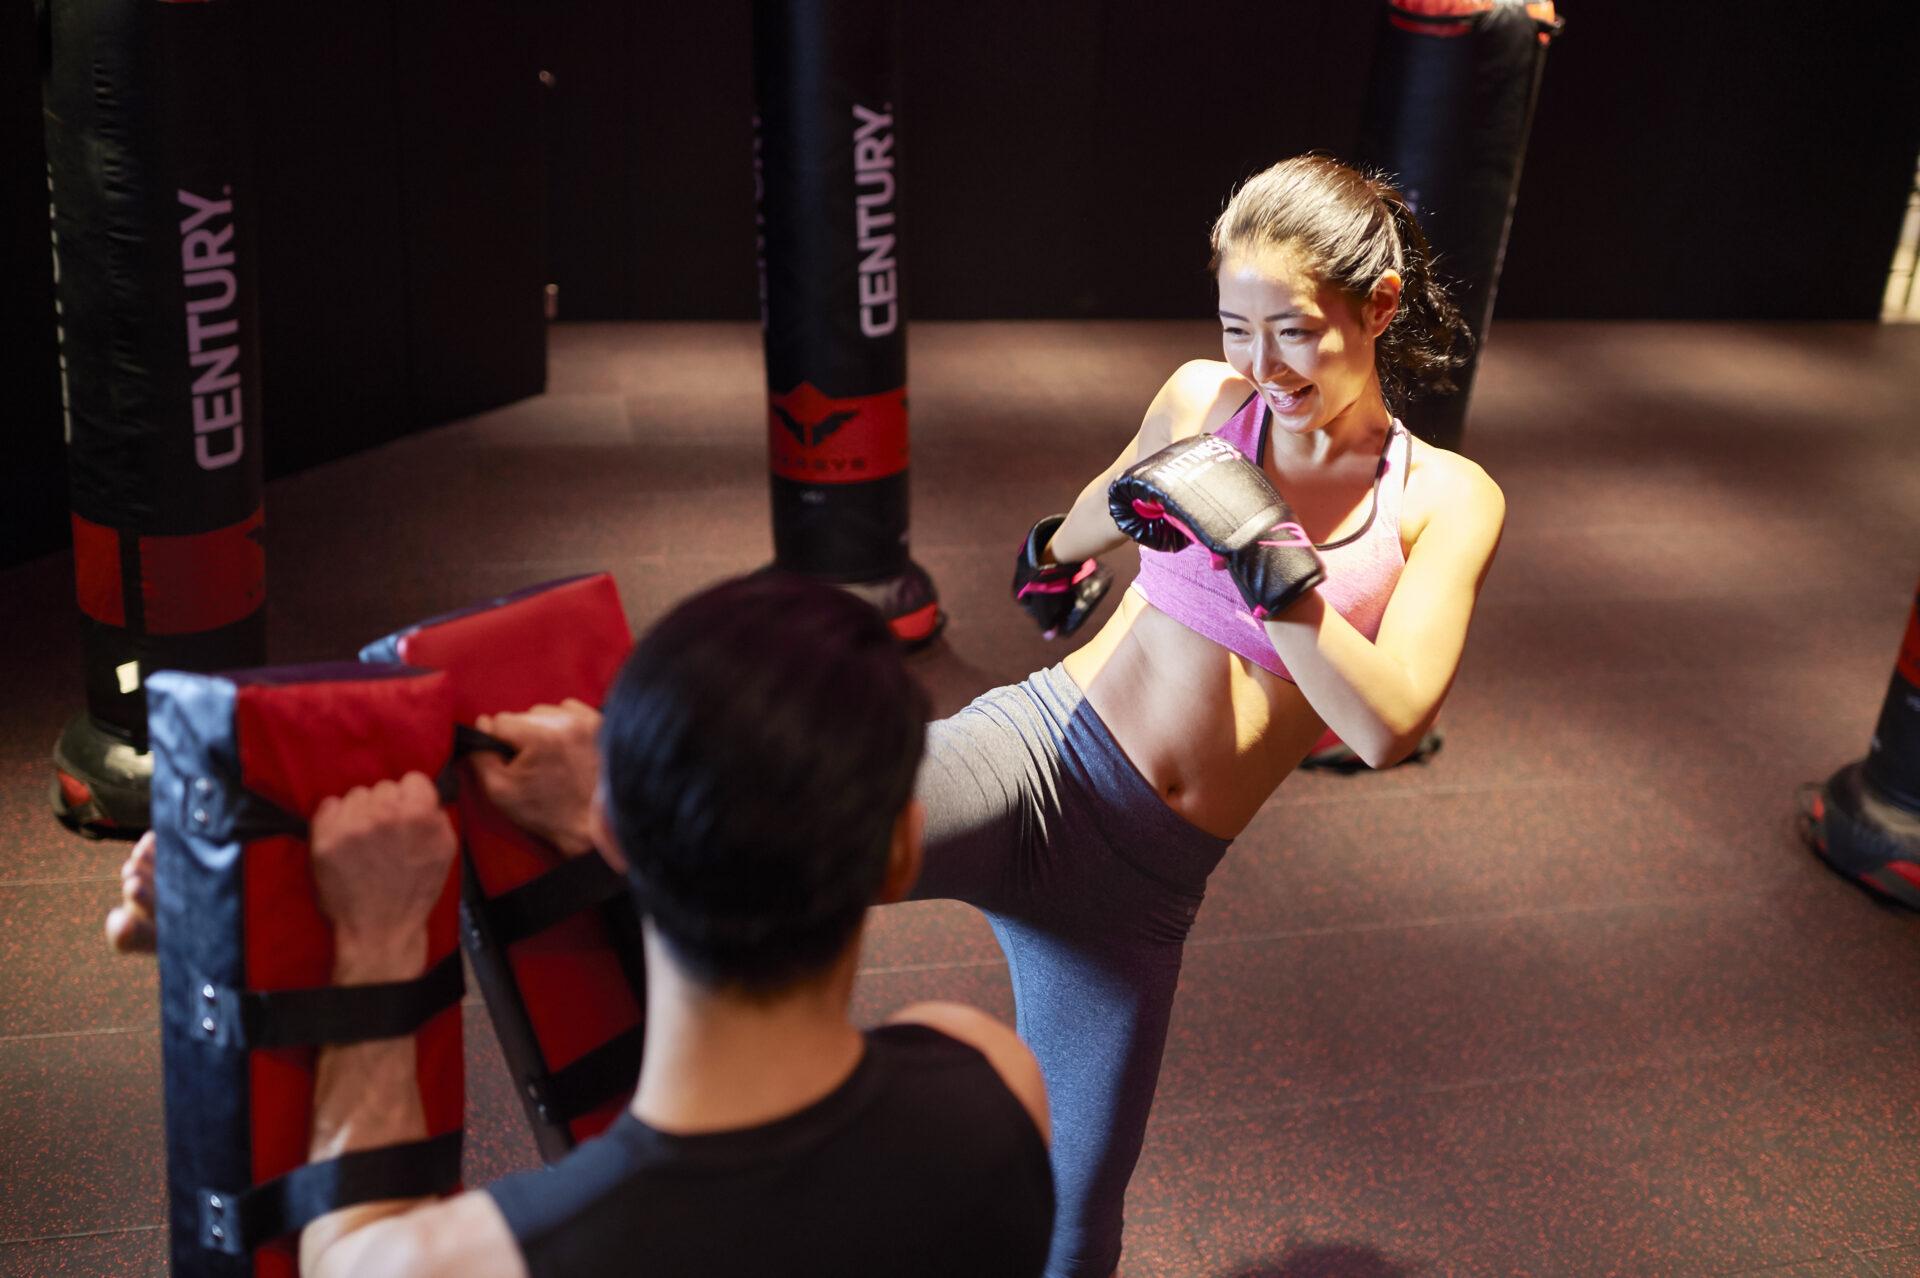 女性にキックボクシングがおすすめな理由